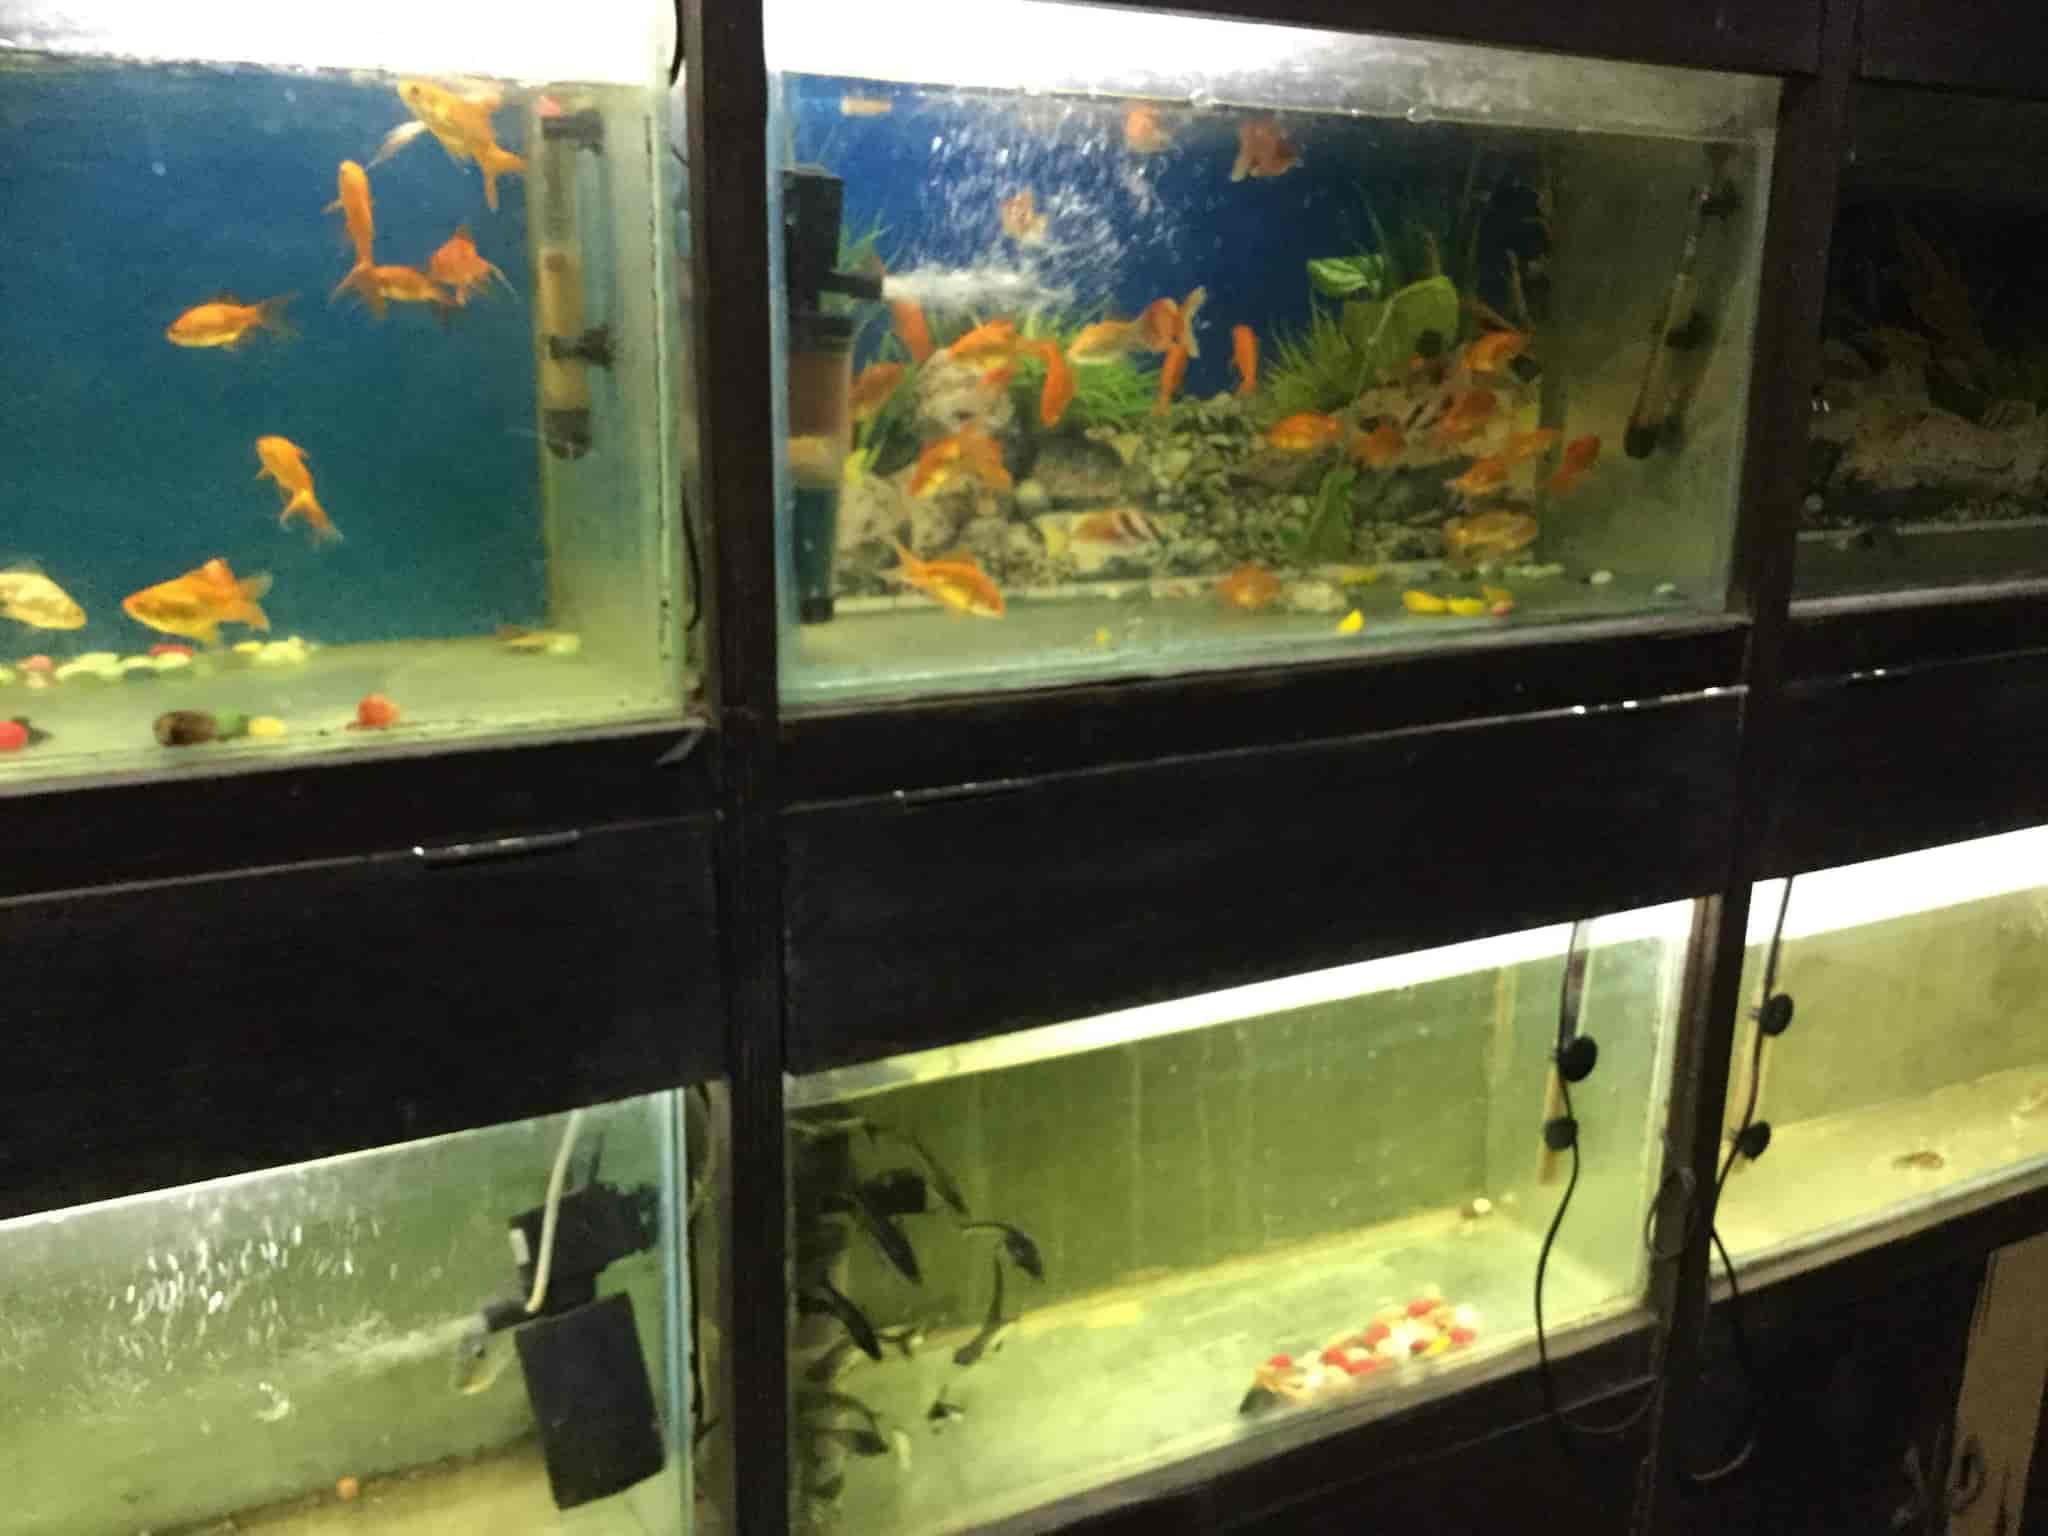 fish home aquarium pets shop photos south city 1 gurgaon pictures